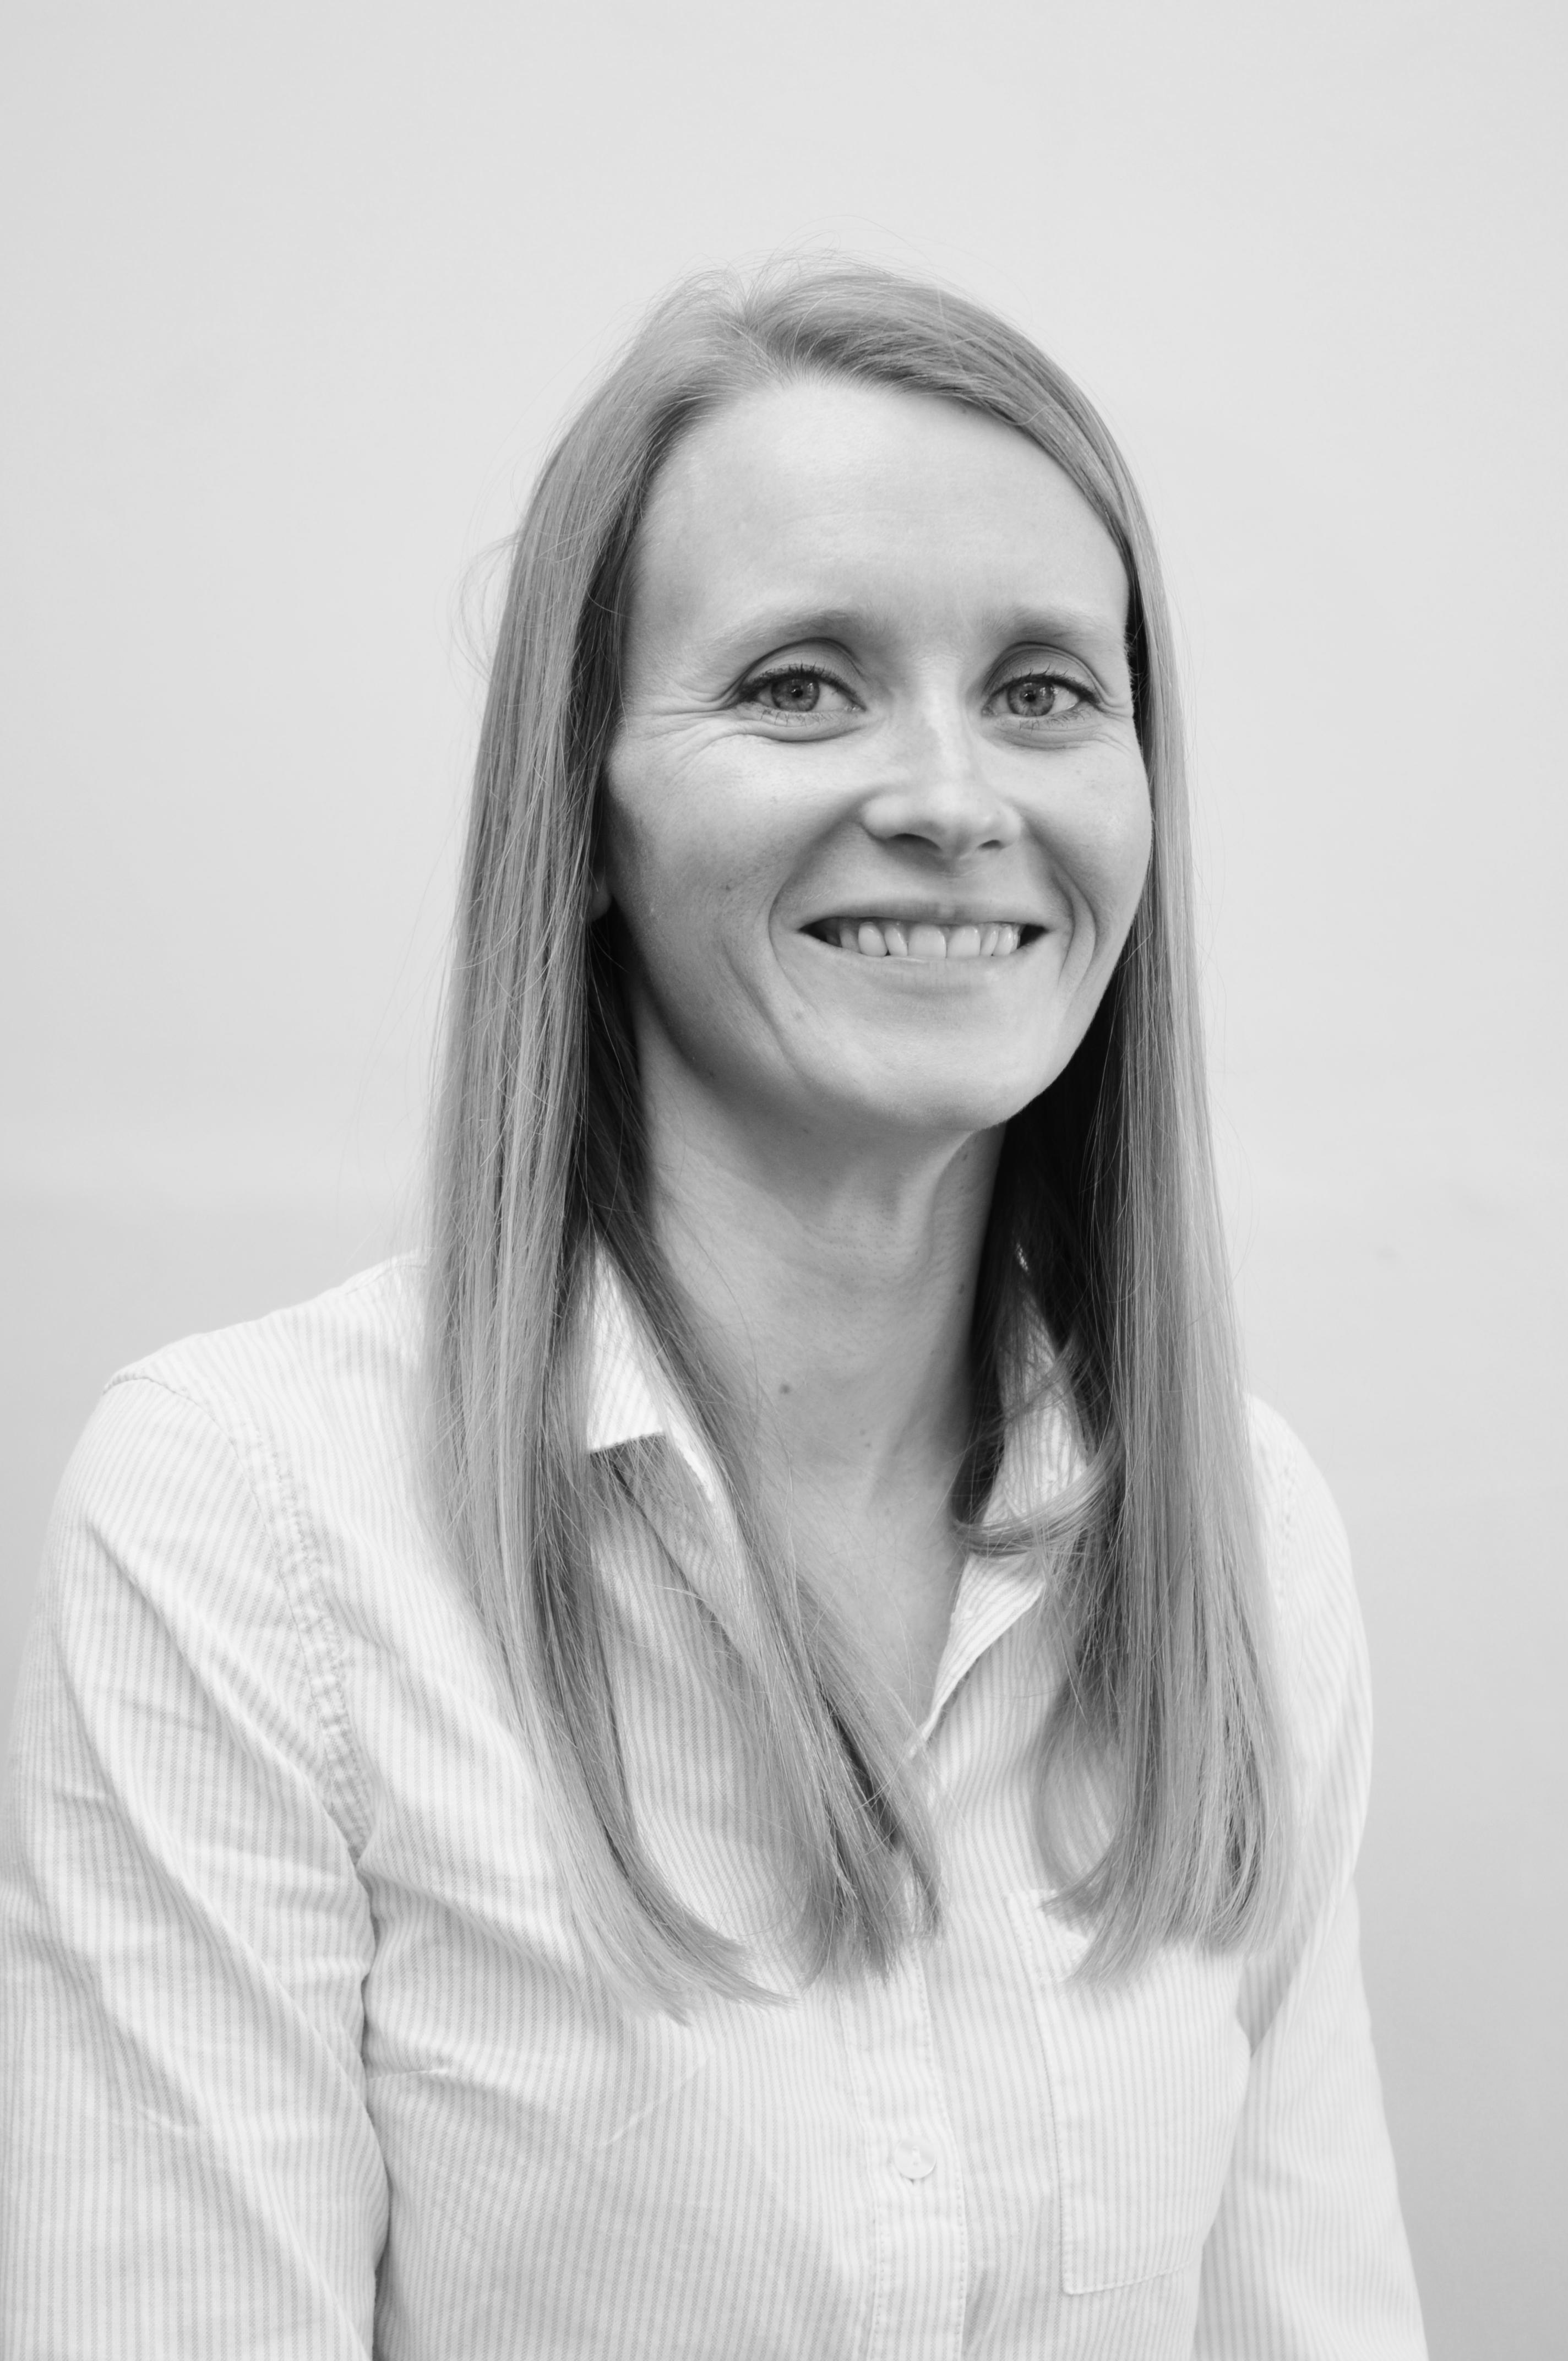 Claire Allaker